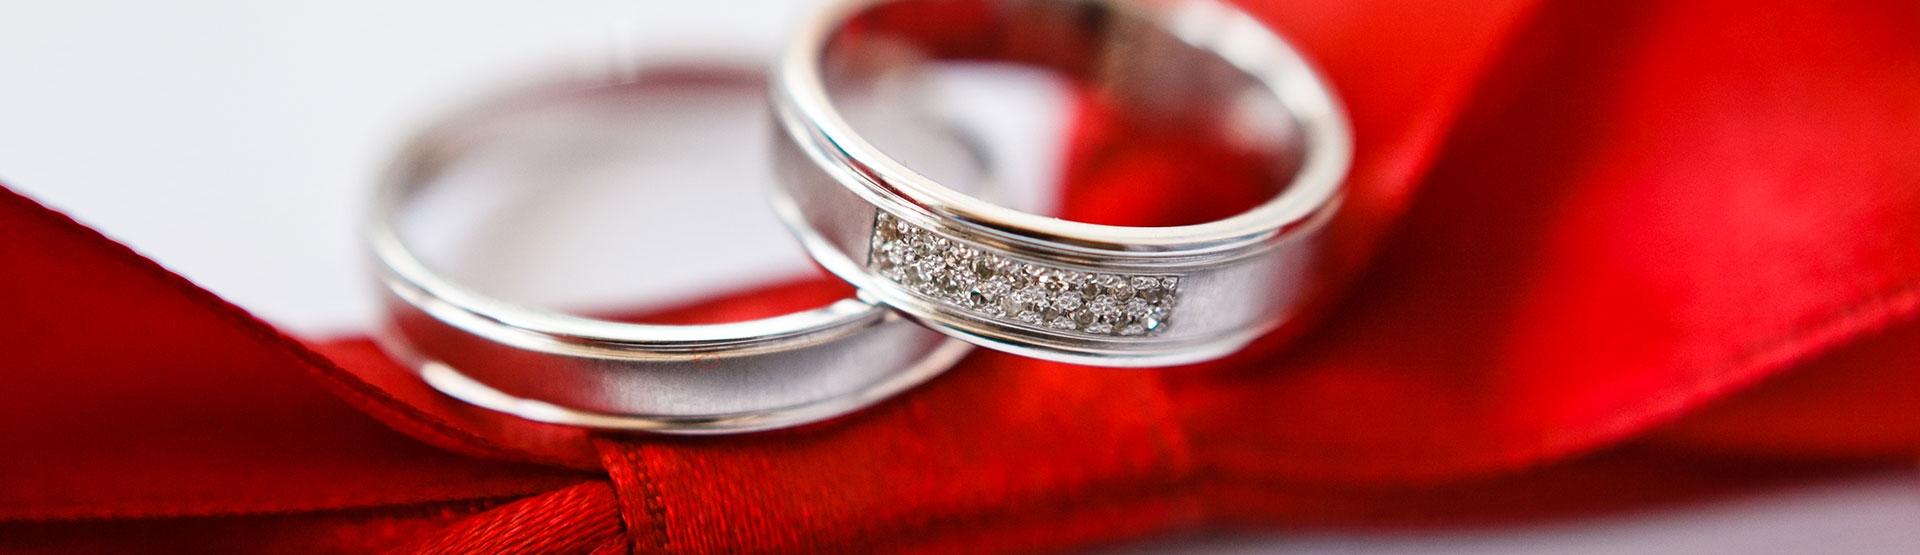 תכשיטים בעיצוב מקורי לכל אחד